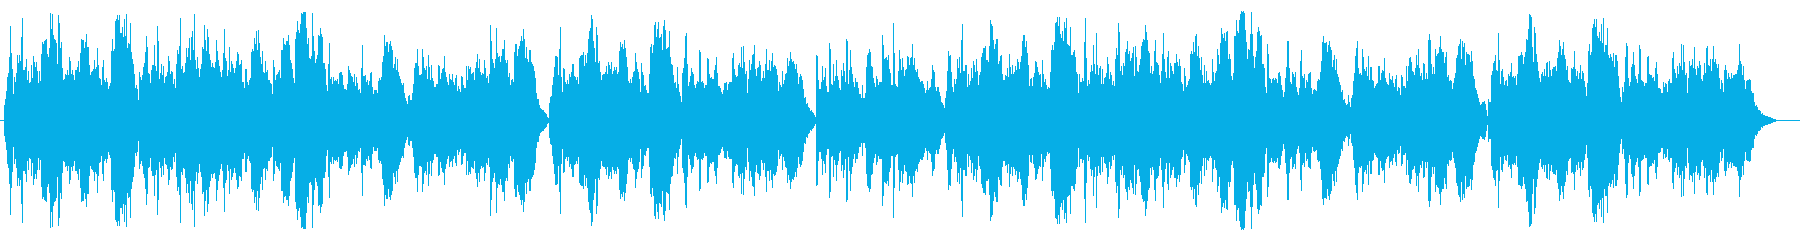 チェロとピアノの抒情的な挿入歌の再生済みの波形